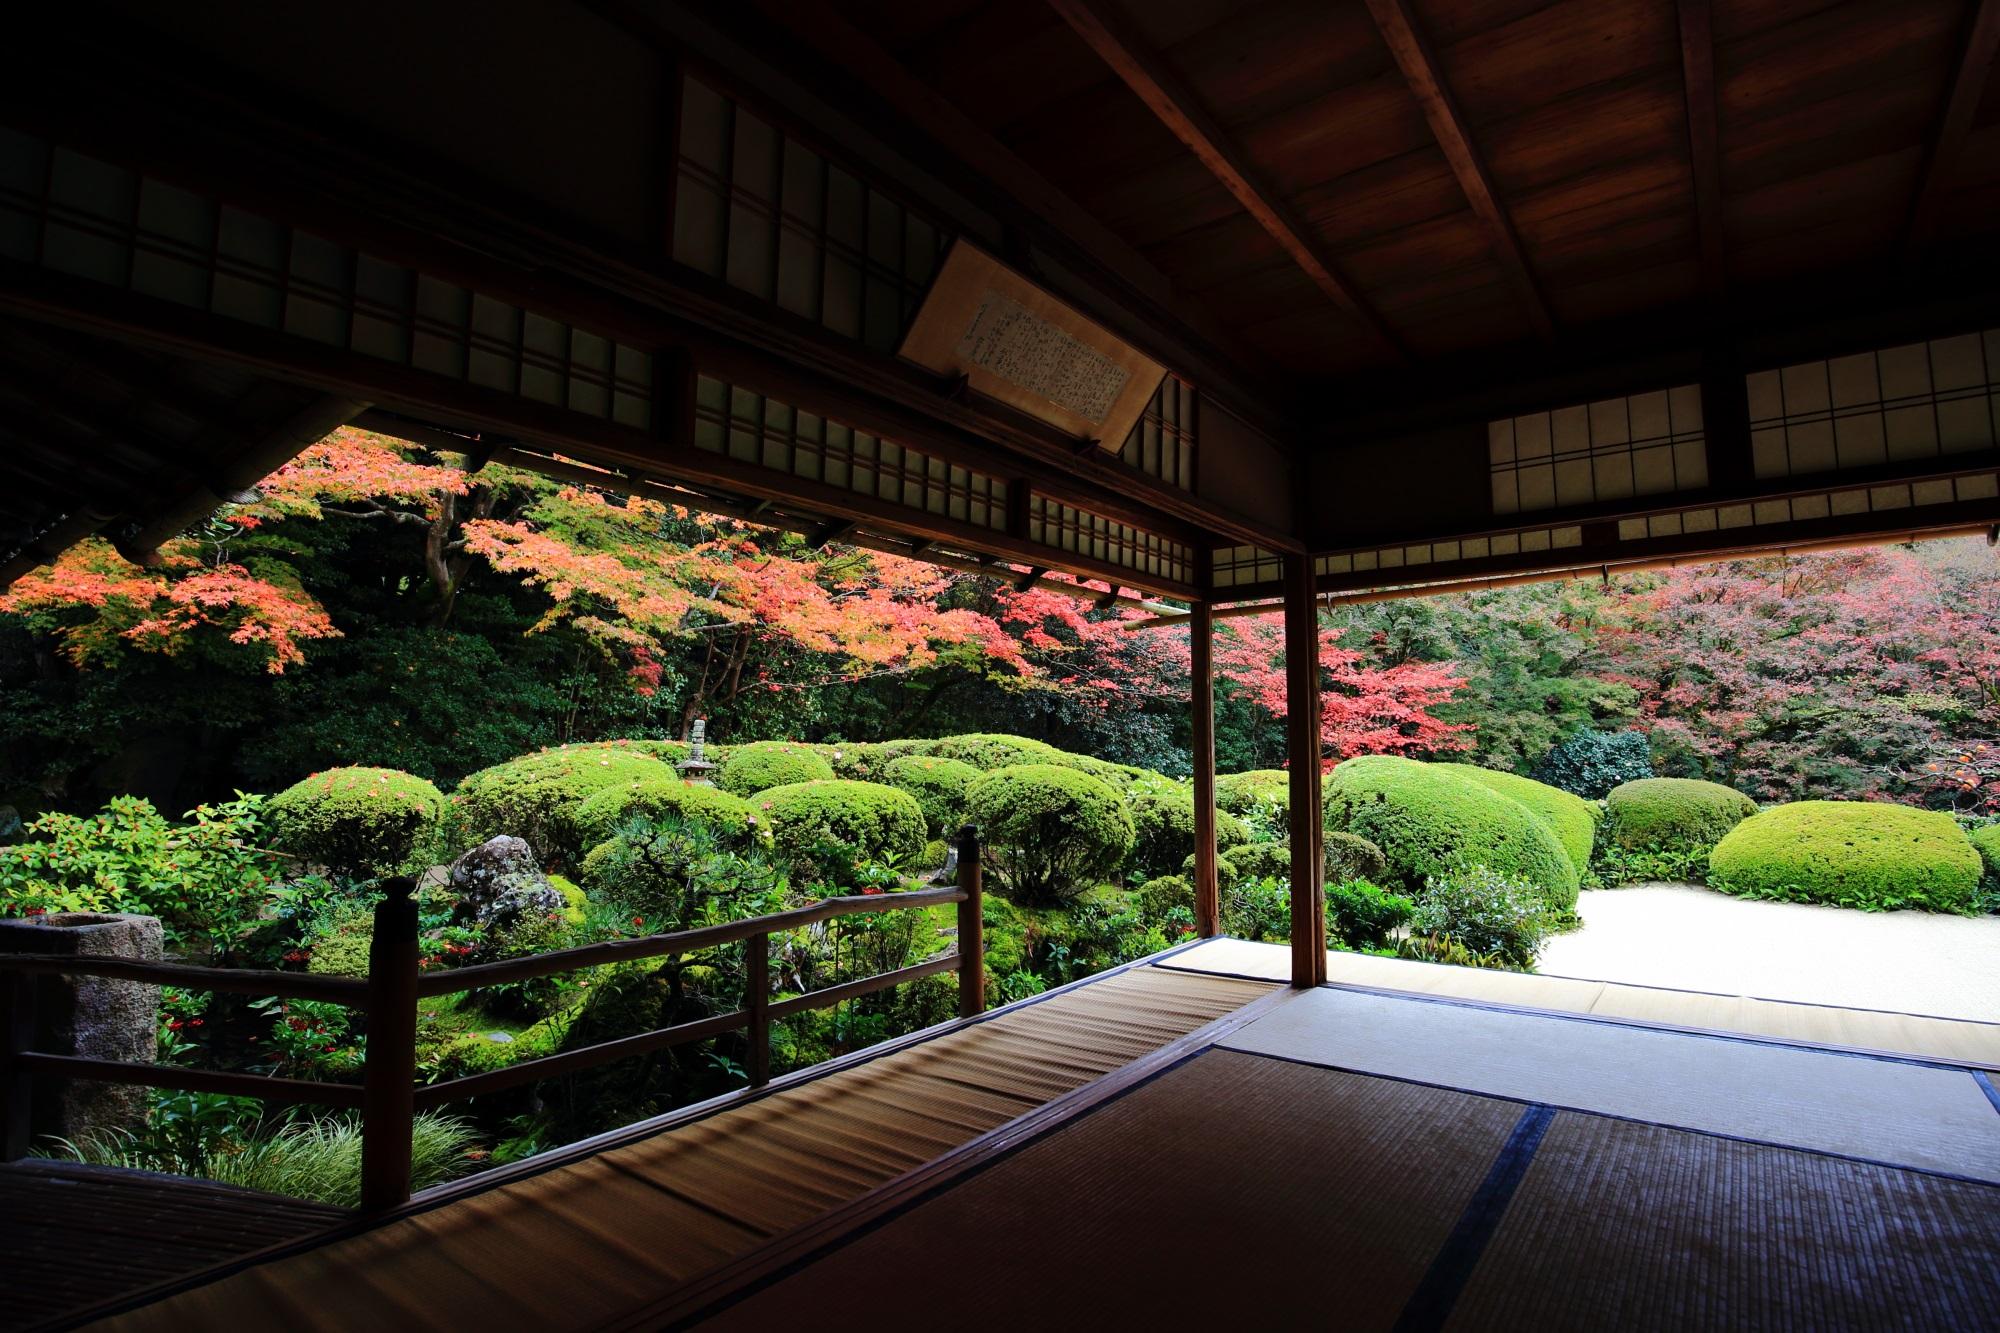 洛北の名刹の詩仙堂の庭園の紅葉